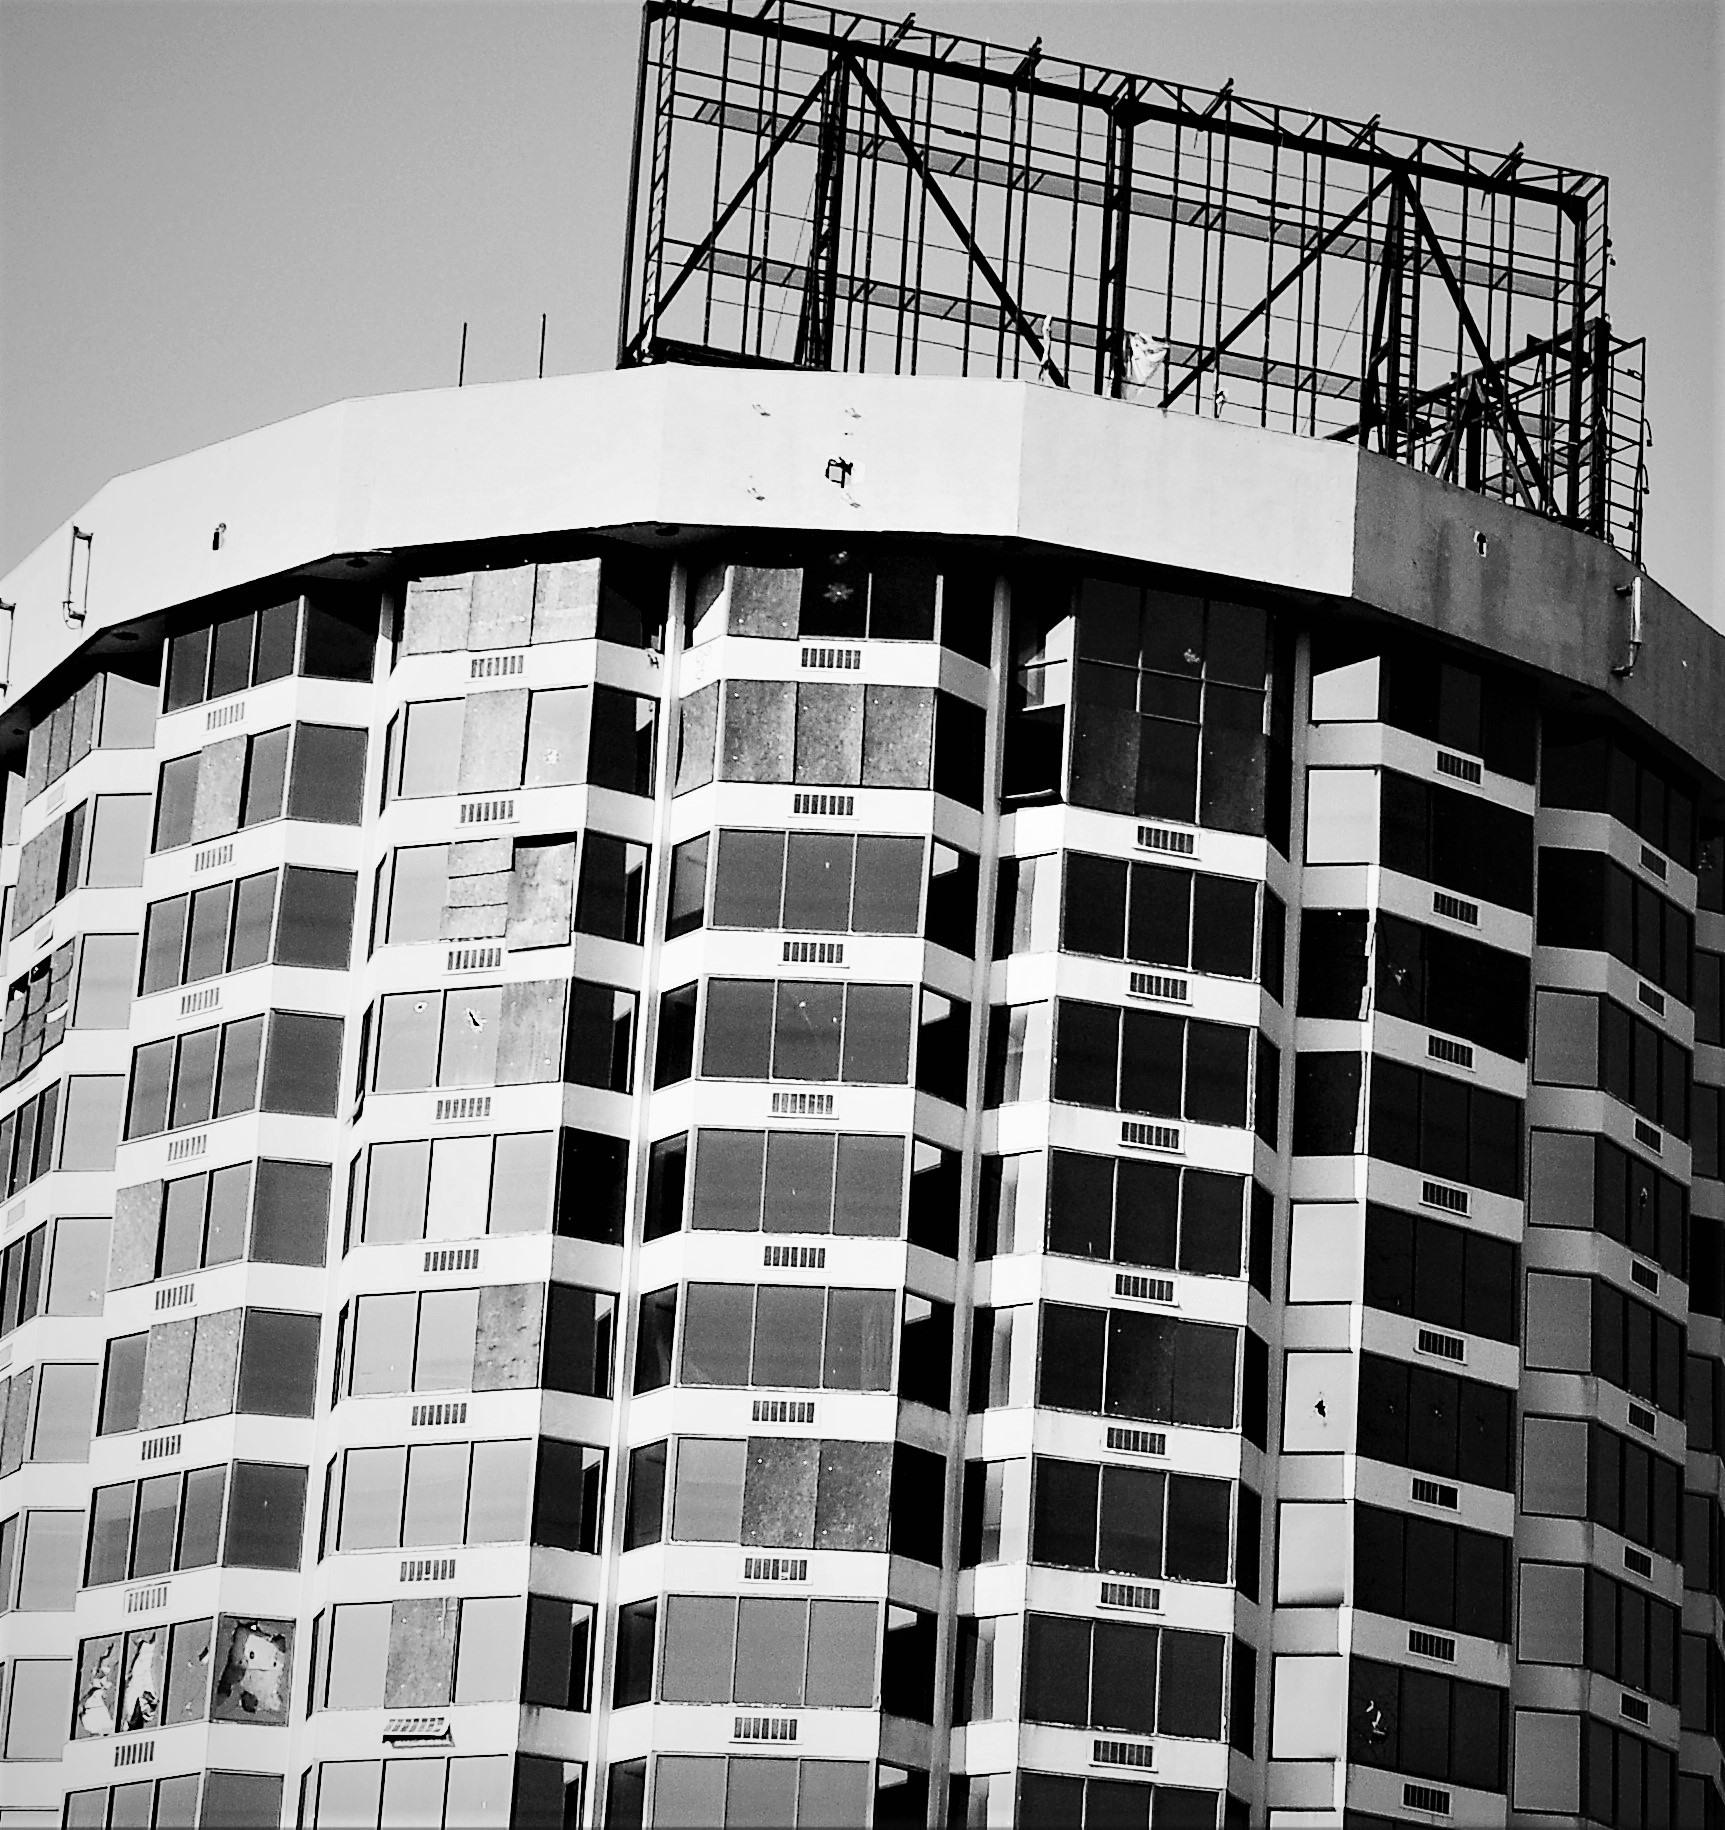 Derelict - blackandwhite, architecture - drewsview74 | ello